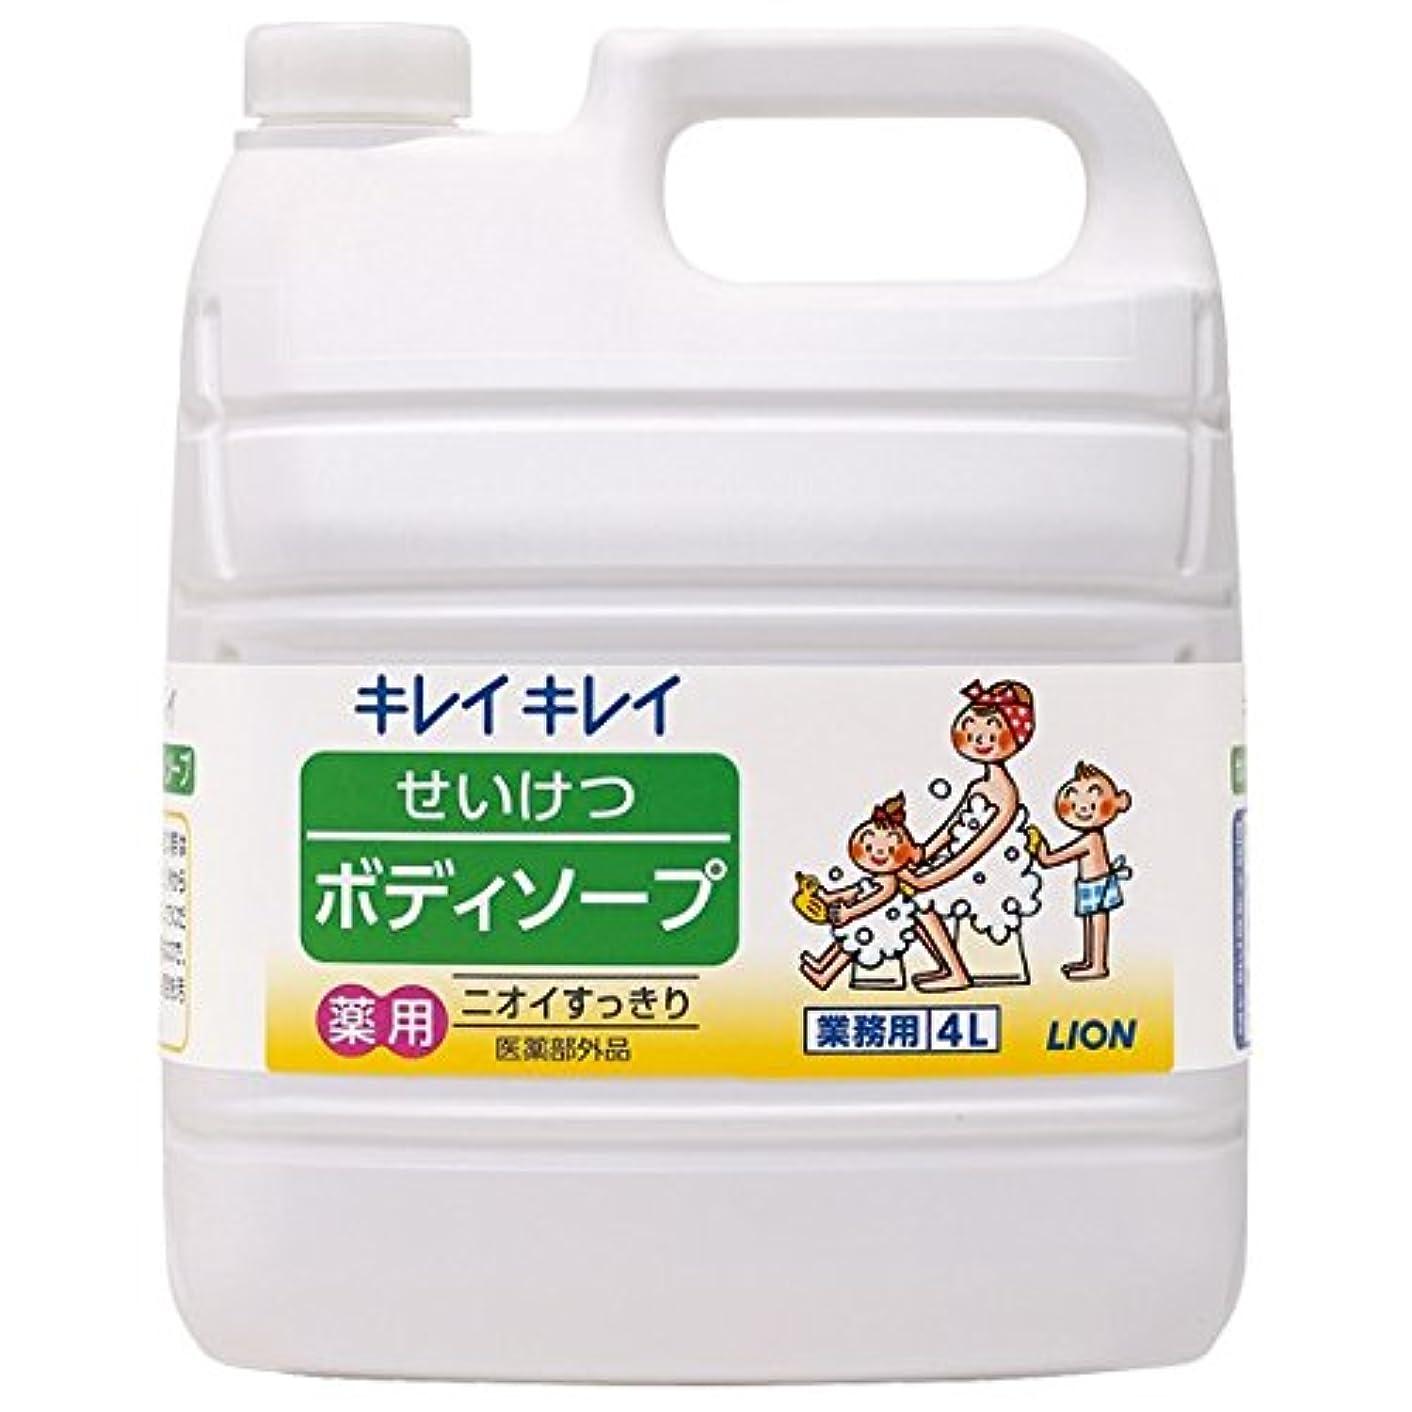 サッカー受付よりライオン キレイキレイ せいけつボディソープ さわやかなレモン&オレンジの香り 業務用 4L×3本